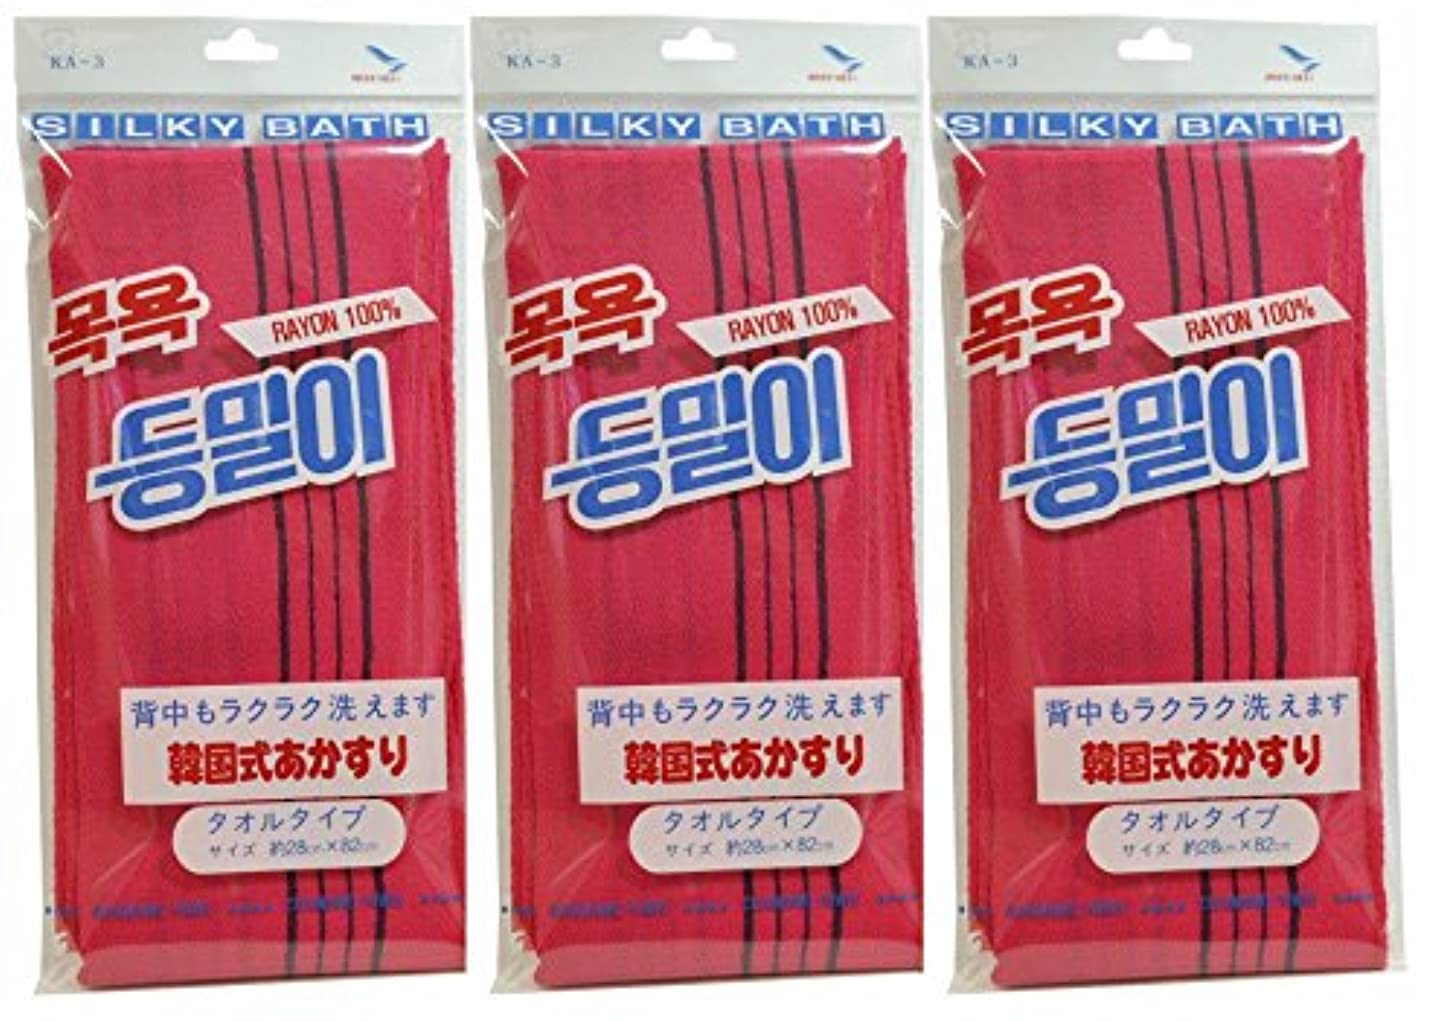 ばかげている急いで土器韓国発 韓国式あかすり タオルタイプ(KA-3)レッド×3個セット